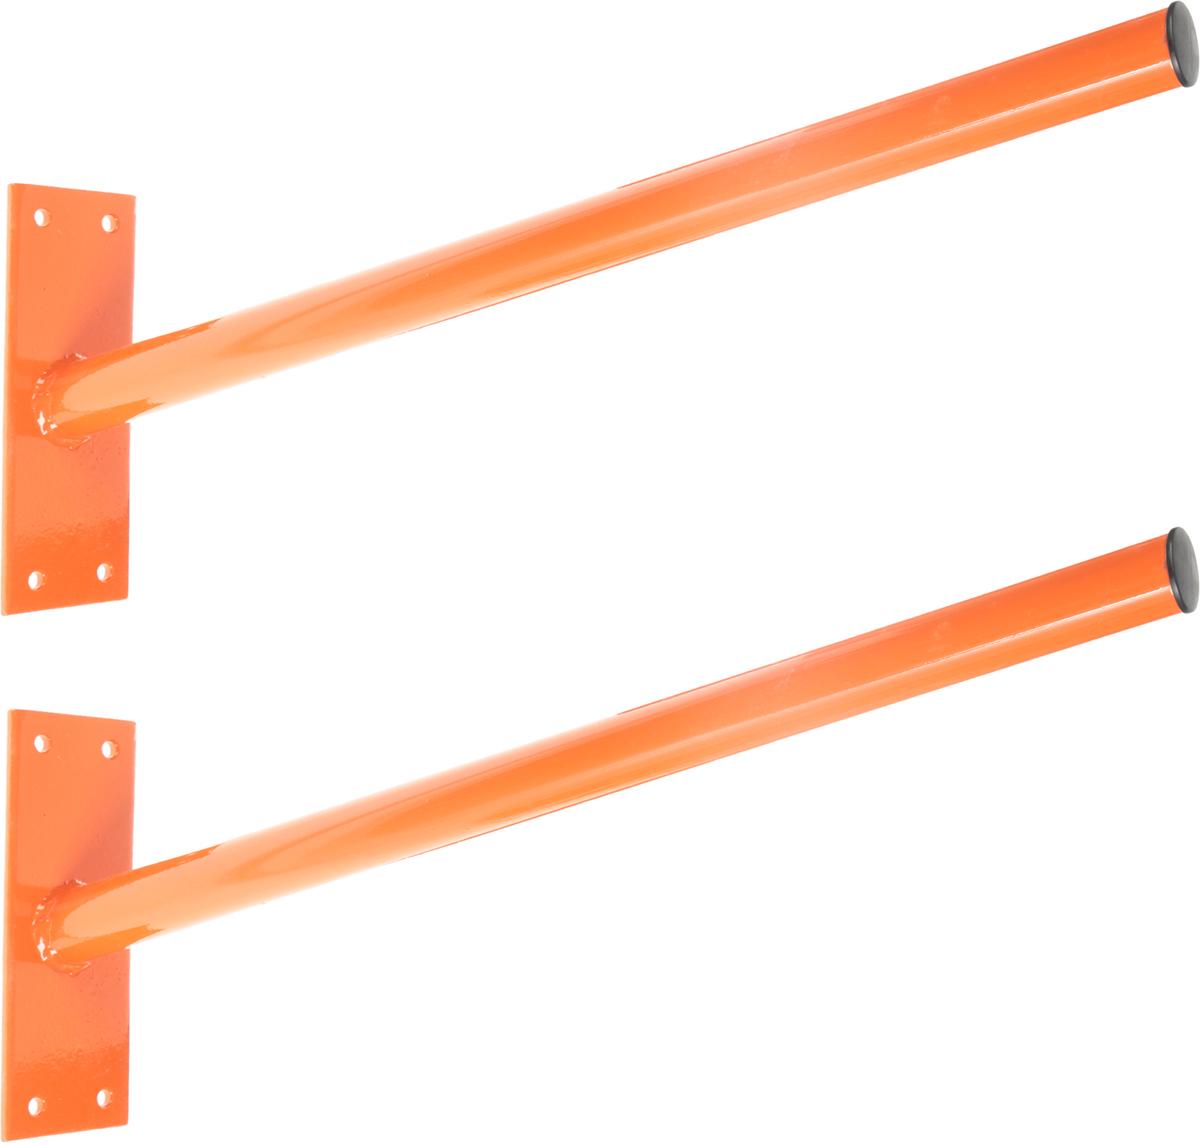 Кронштейны для хранения колес МастерПроф, 2 штАС.050001Кронштейны подходят к любым колесам, с минимальным диаметром центрального отверстия в диске 38 мм.Имеют наклон, поэтому ваши колеса, под своим весом, упираются в стену.Легко монтируются на стене гаража или магазина.Позволяют освободить пространство на полу помещения.Подходят для хранения длинномеров (труб, досок), велосипедов и прочегоРазмер упаковки 59х25,5х8,5 см.Вес упаковки 2,83 кг.